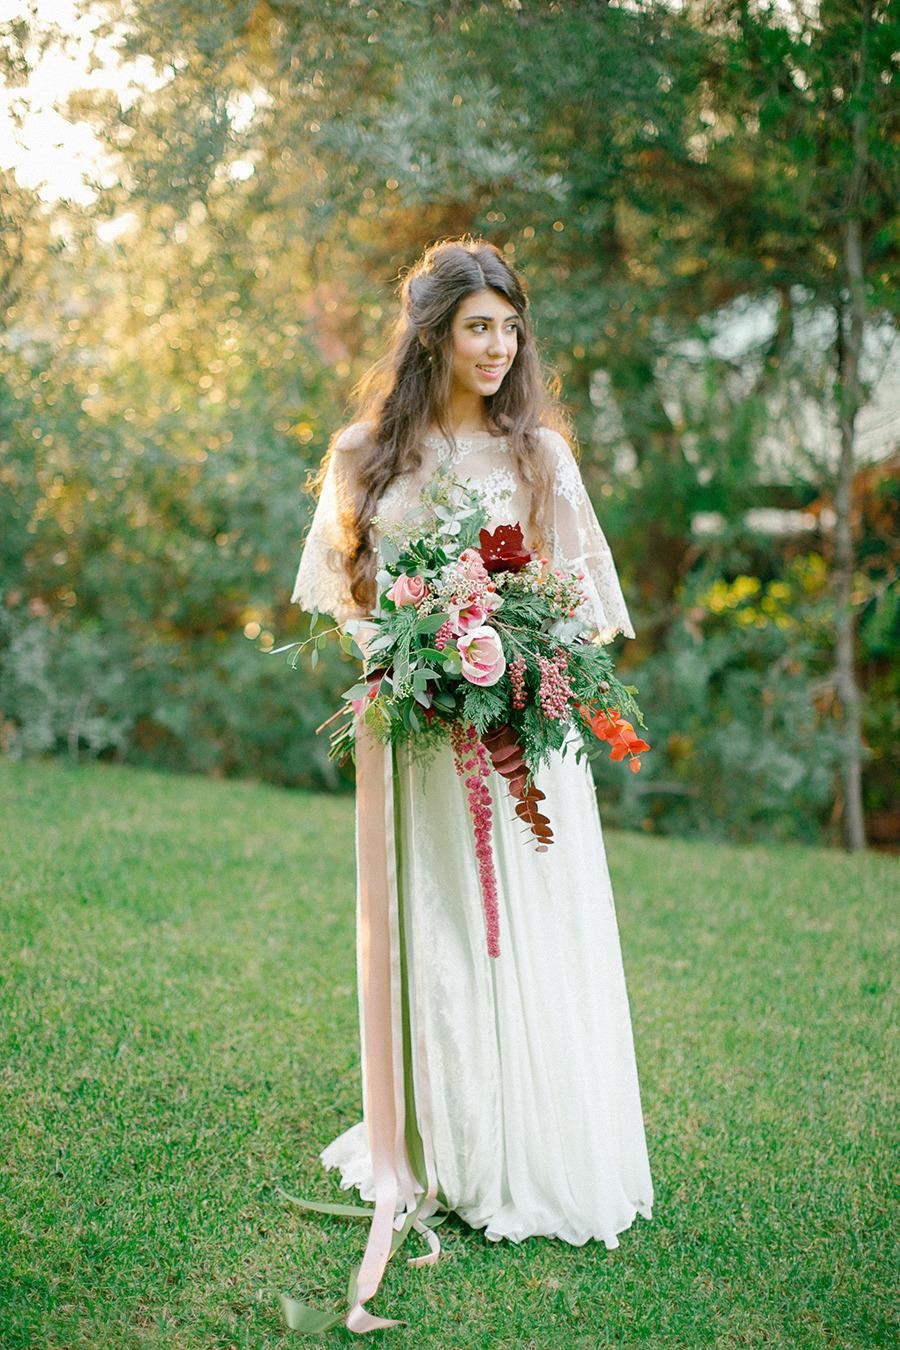 winter bride - Boho Chic Wedding Inspiration Shoot from Anna Roussos Photography - annaroussos.com | Read more : http://www.fabmood.com/boho-chic-wedding-inspiration-shoot-anna-roussos-photography